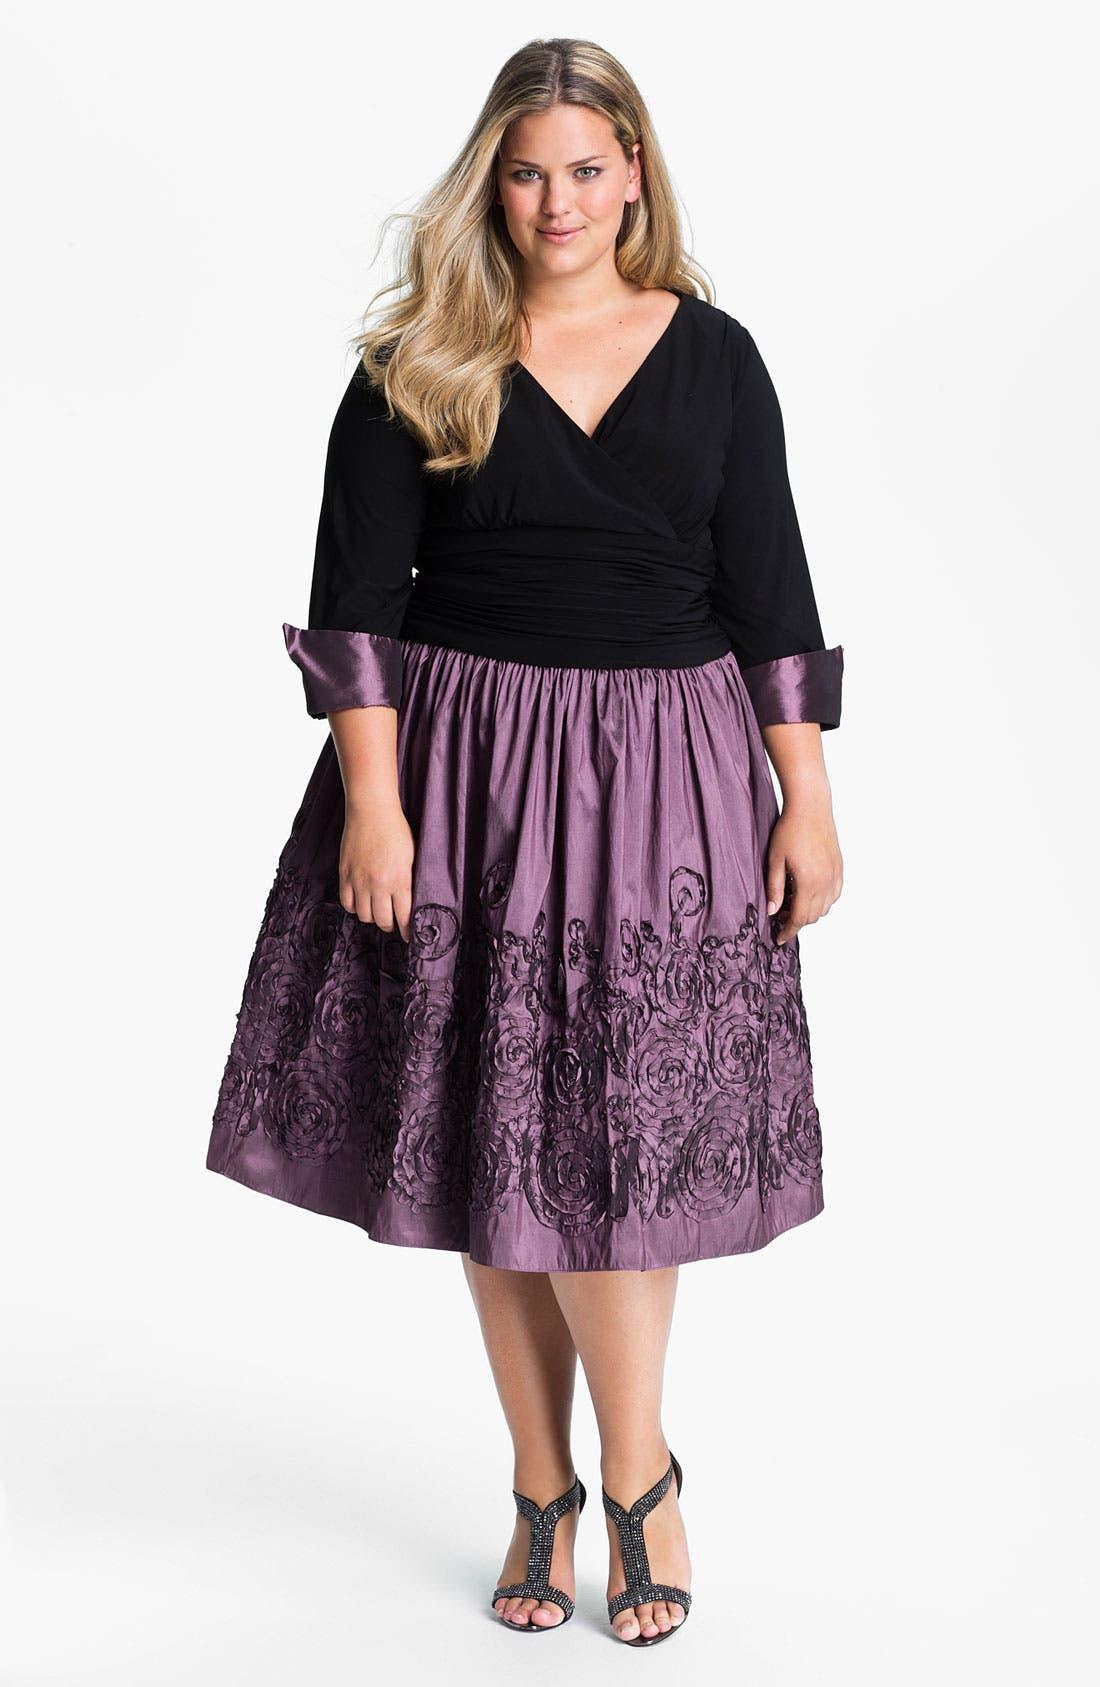 Alternate Image 1 Selected - Eliza J Mock Two Piece Surplice Dress (Plus)